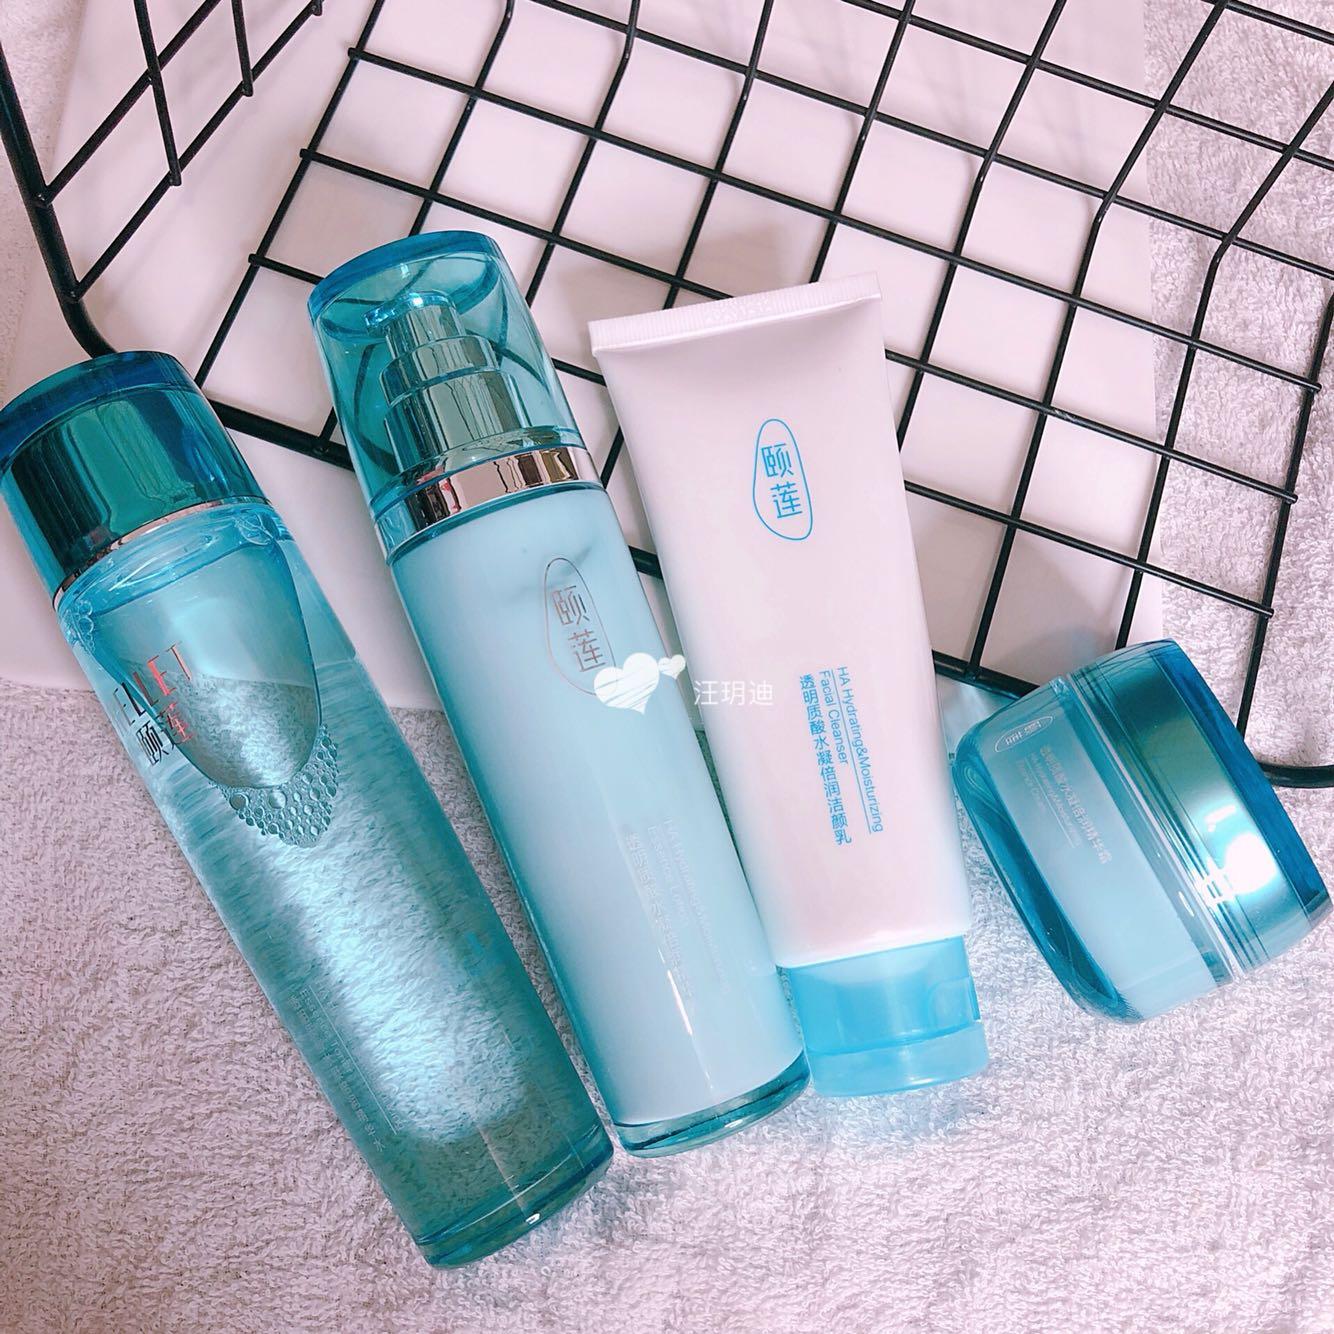 �h�h自用推荐 颐莲水凝护肤套装 补水保湿护肤品洁面水乳